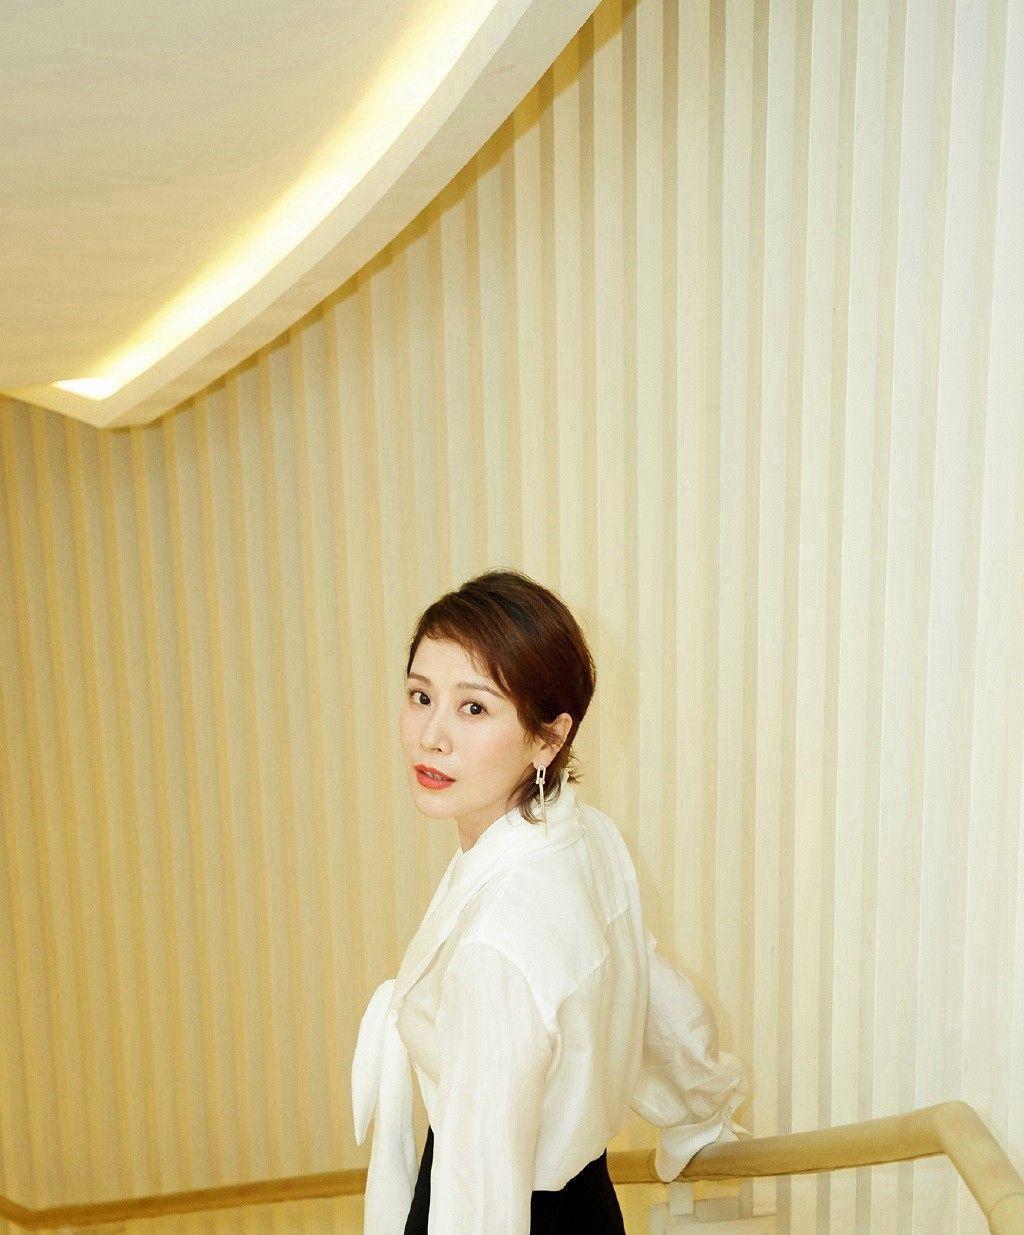 海清,这身装扮倍显干练利落,呈现一种知性美,而且很有内涵!